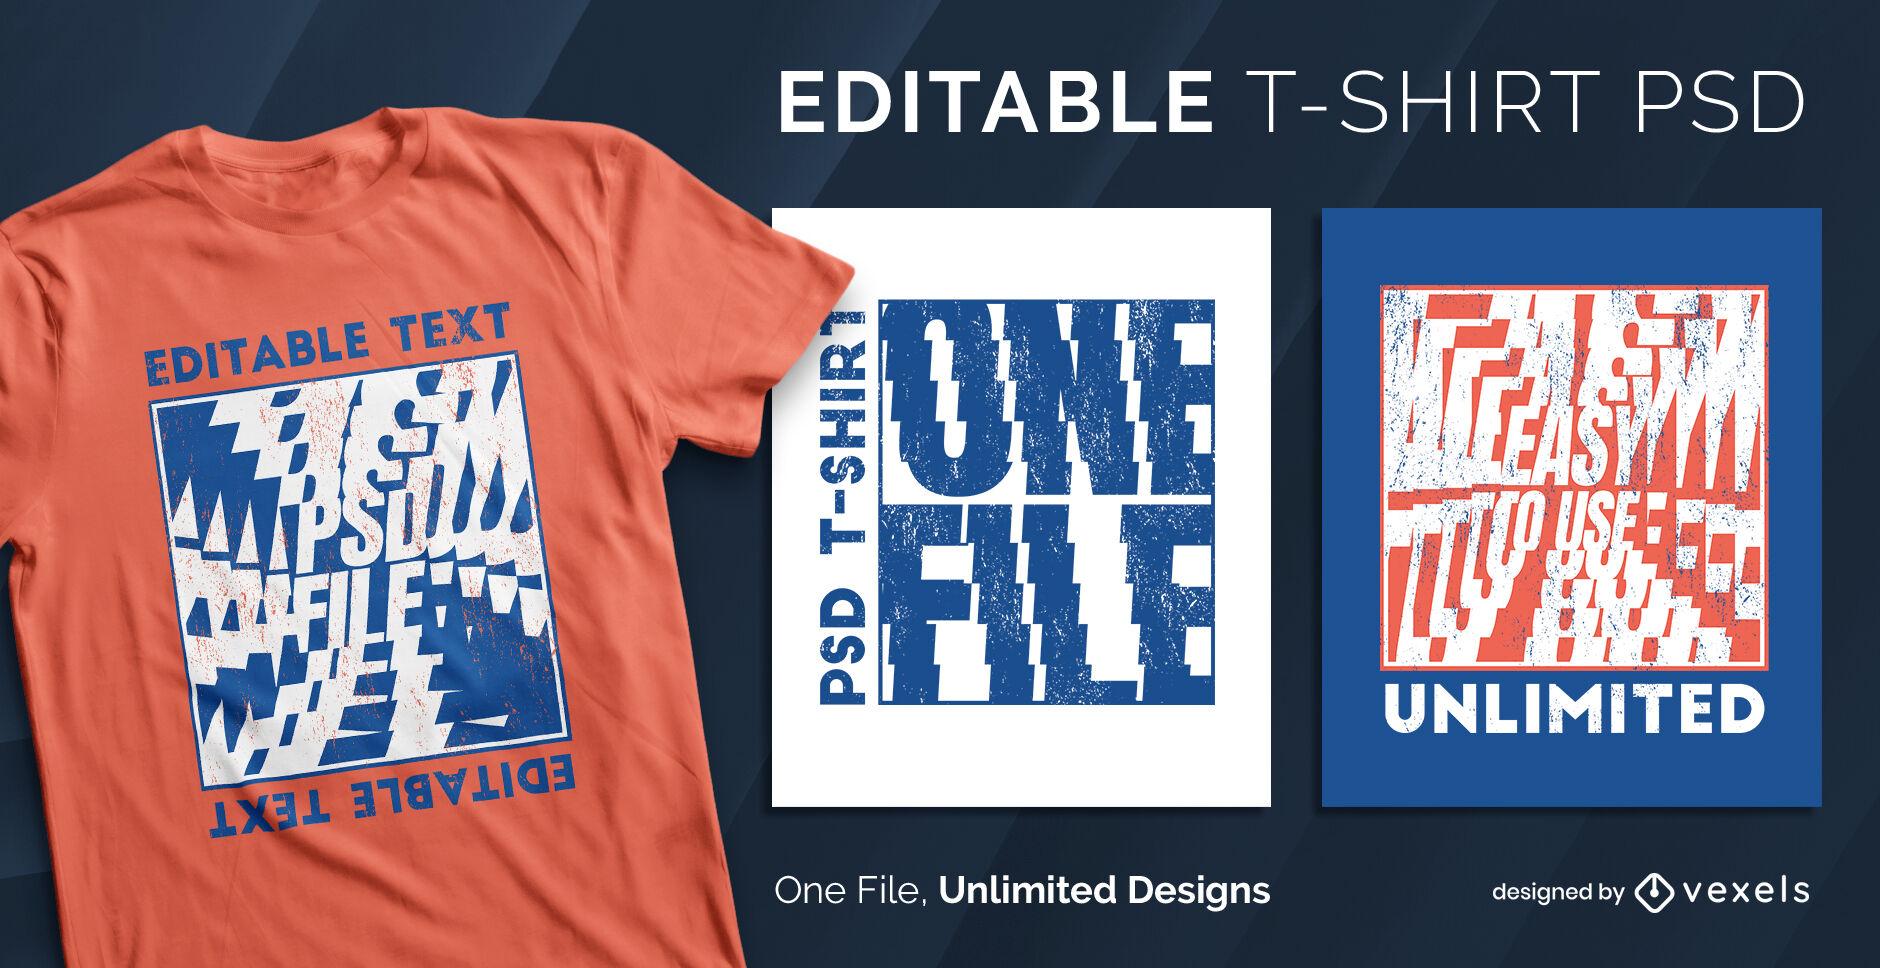 Text spiral effect scalable psd t-shirt template